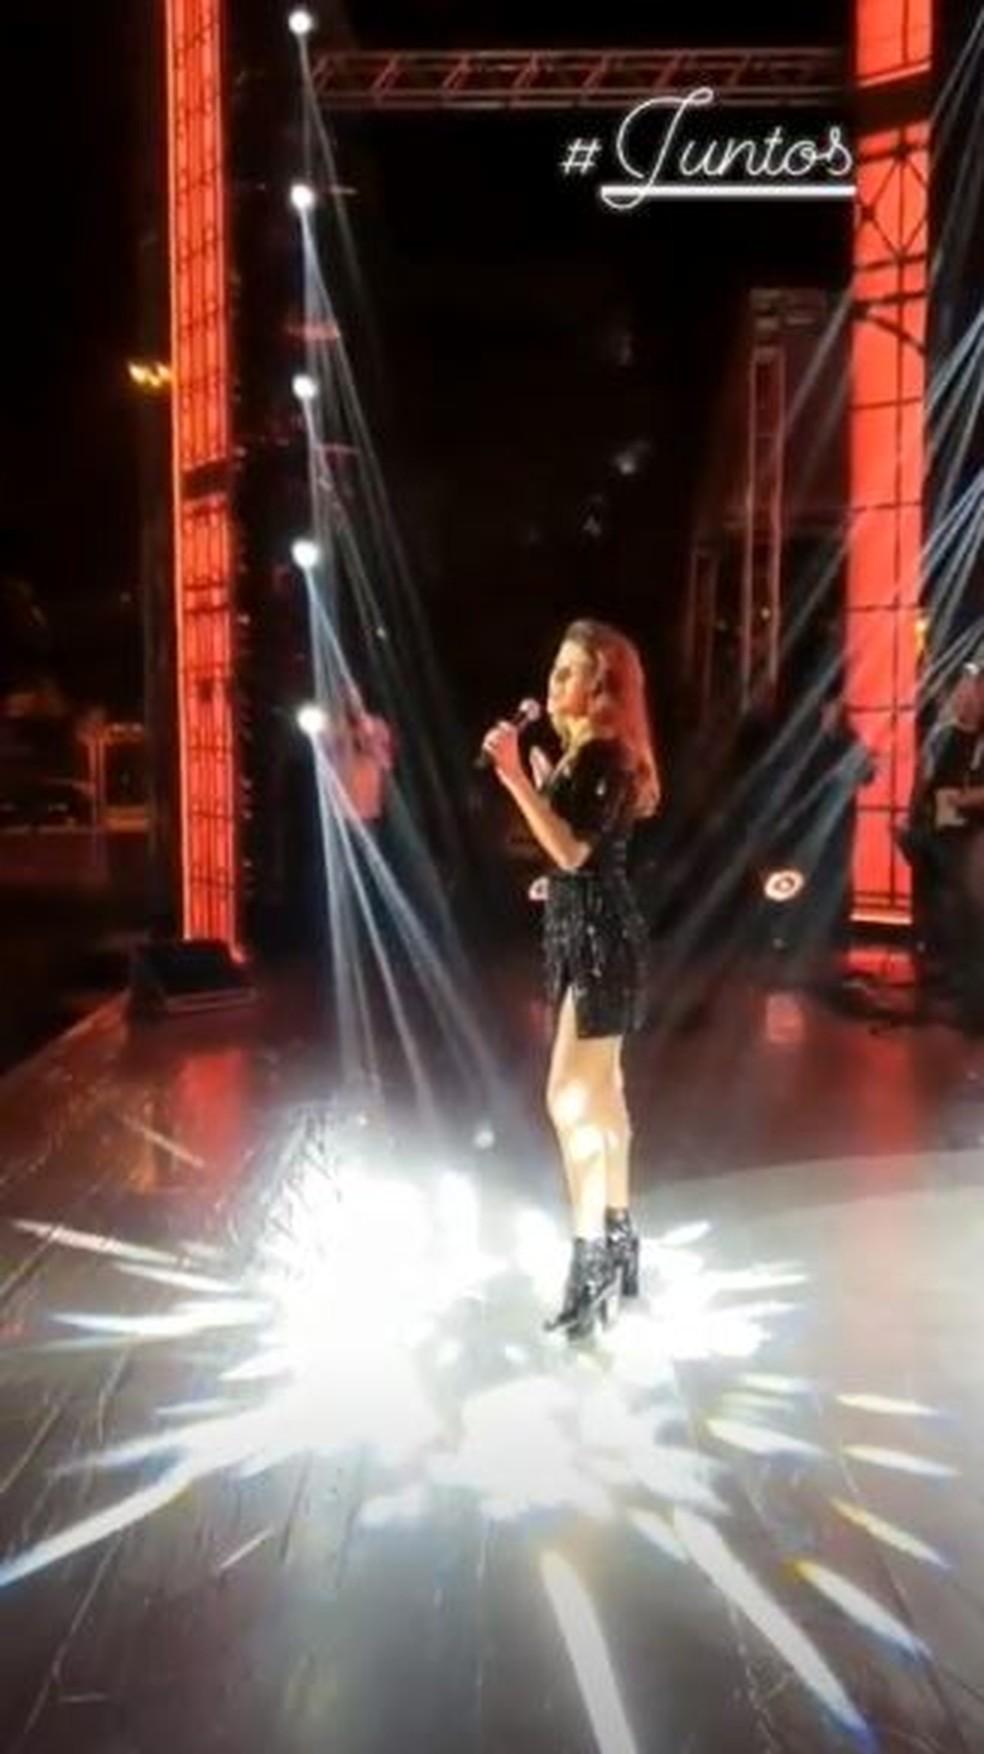 Sozinha: Paula Fernandes canta a música 'Juntos' em ensaio do seu DVD 'Origens' — Foto: Reprodução do Instagram